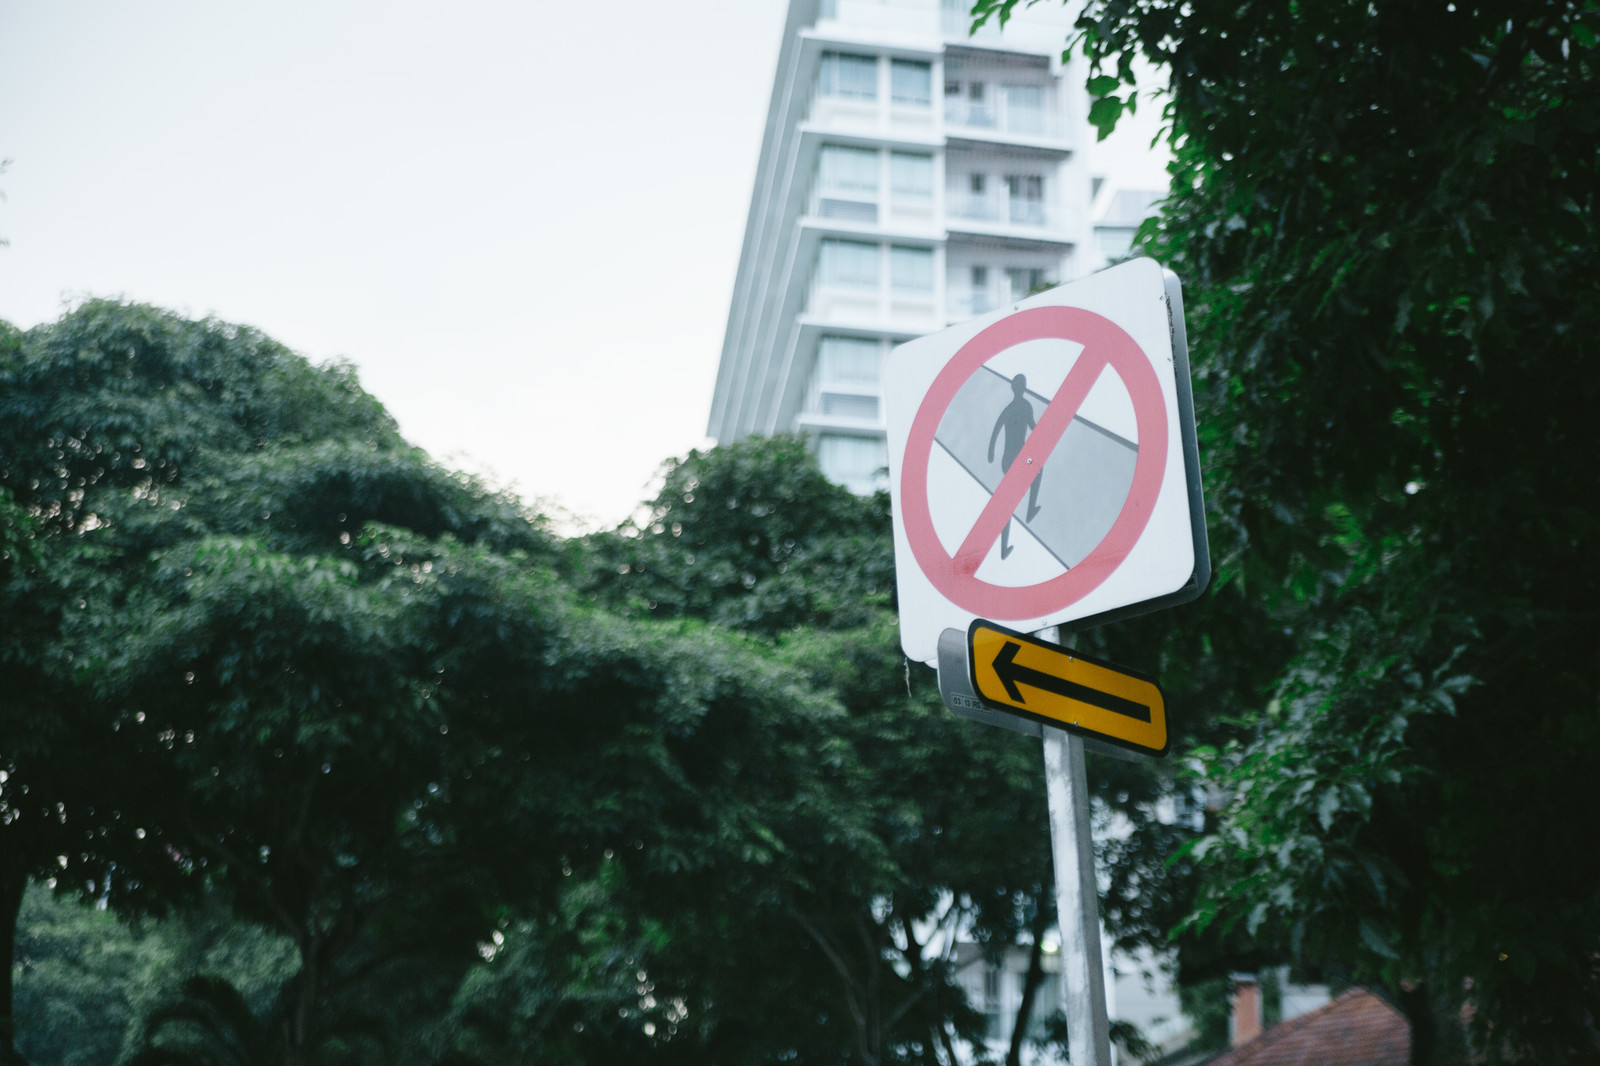 タクシー会社における交通事故の多発ポイント対策